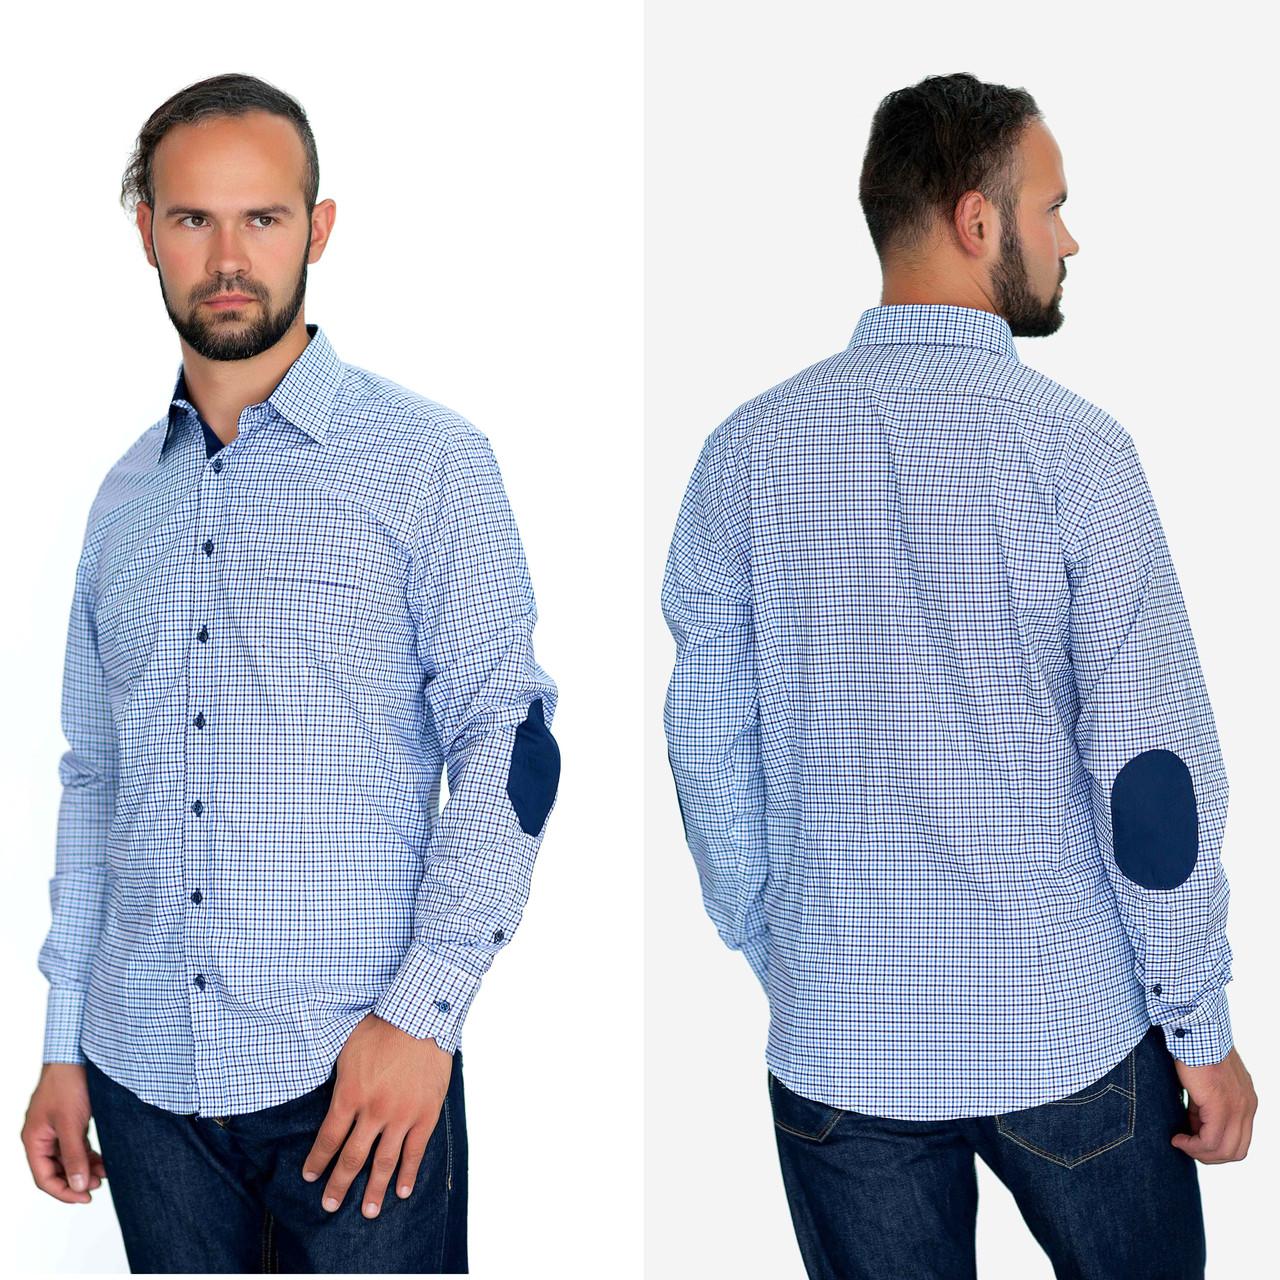 6f2034f3132 Рубашка мужская в мелкую синюю клетку.Длинный рукав